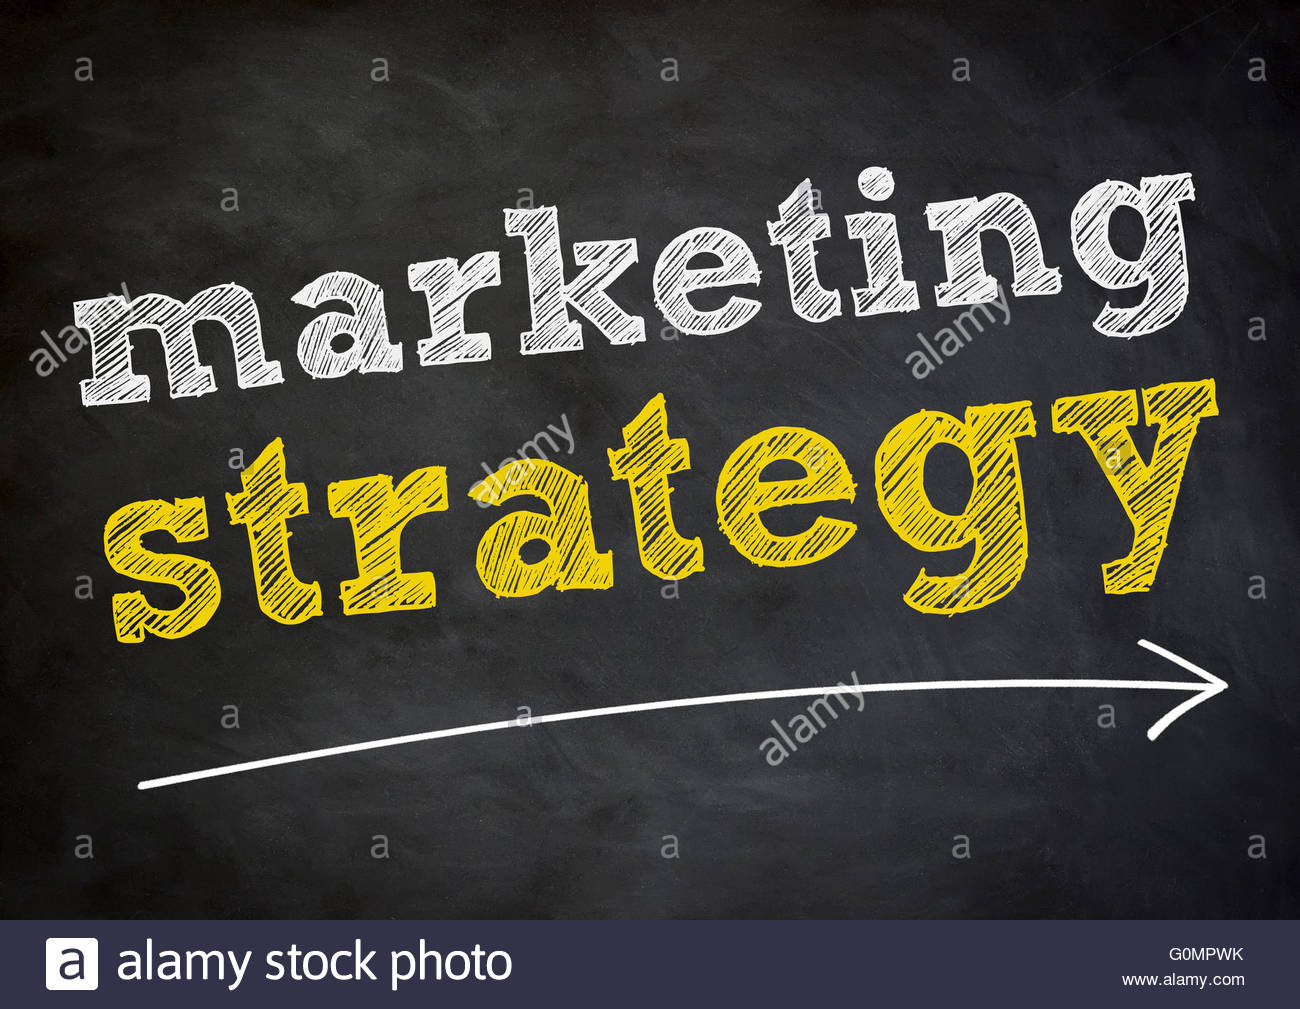 La strategia di marketing - Concetto di lavagna Immagini Stock